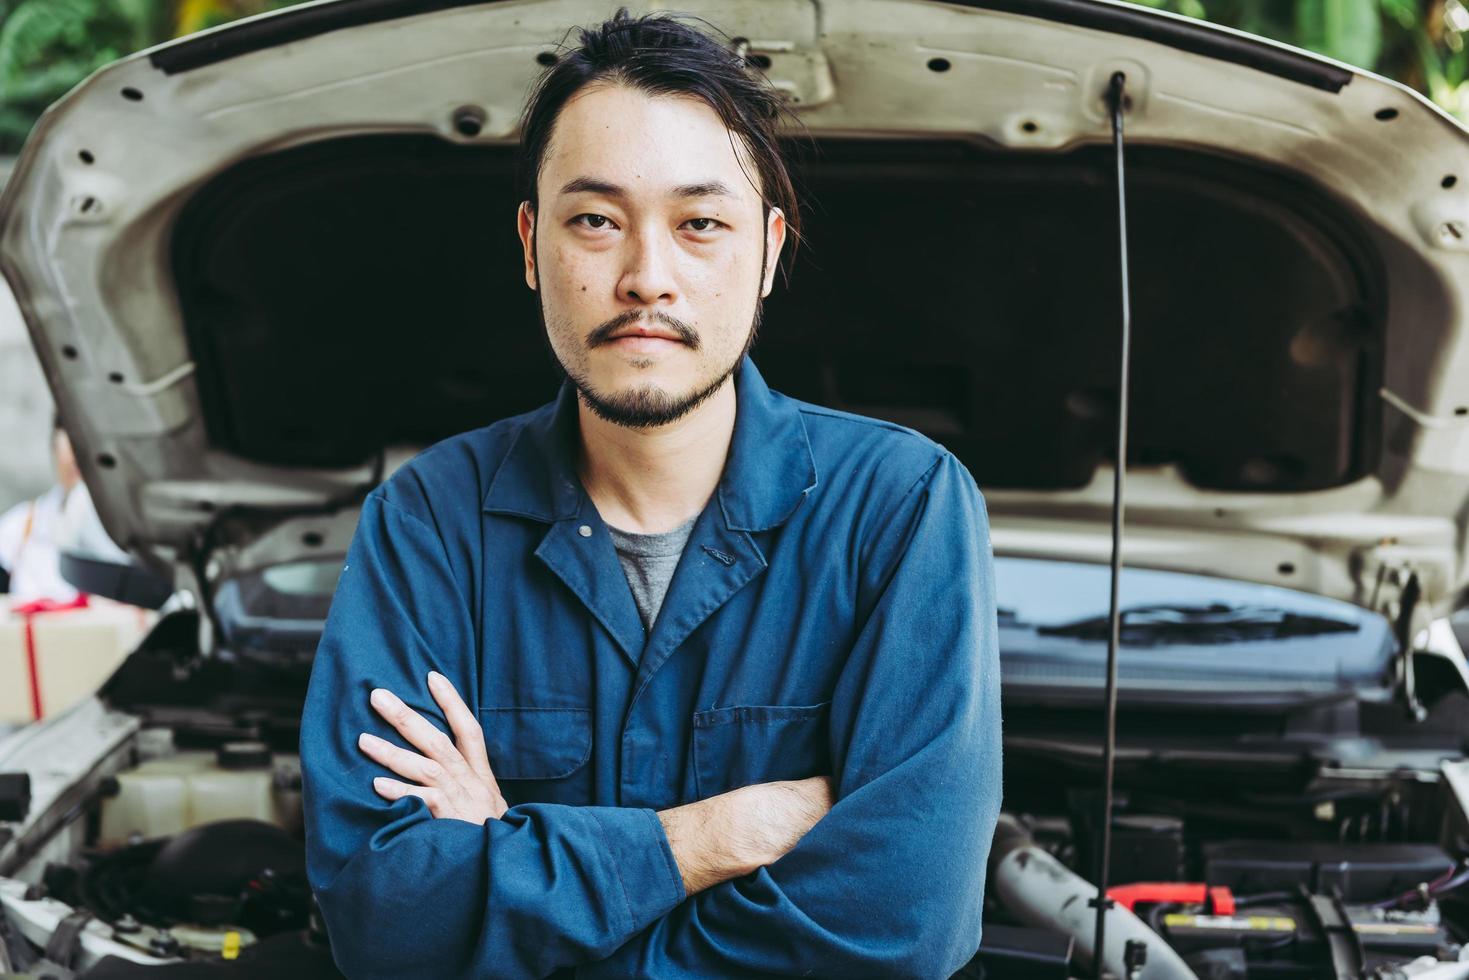 portrait de mécanicien automobile photo